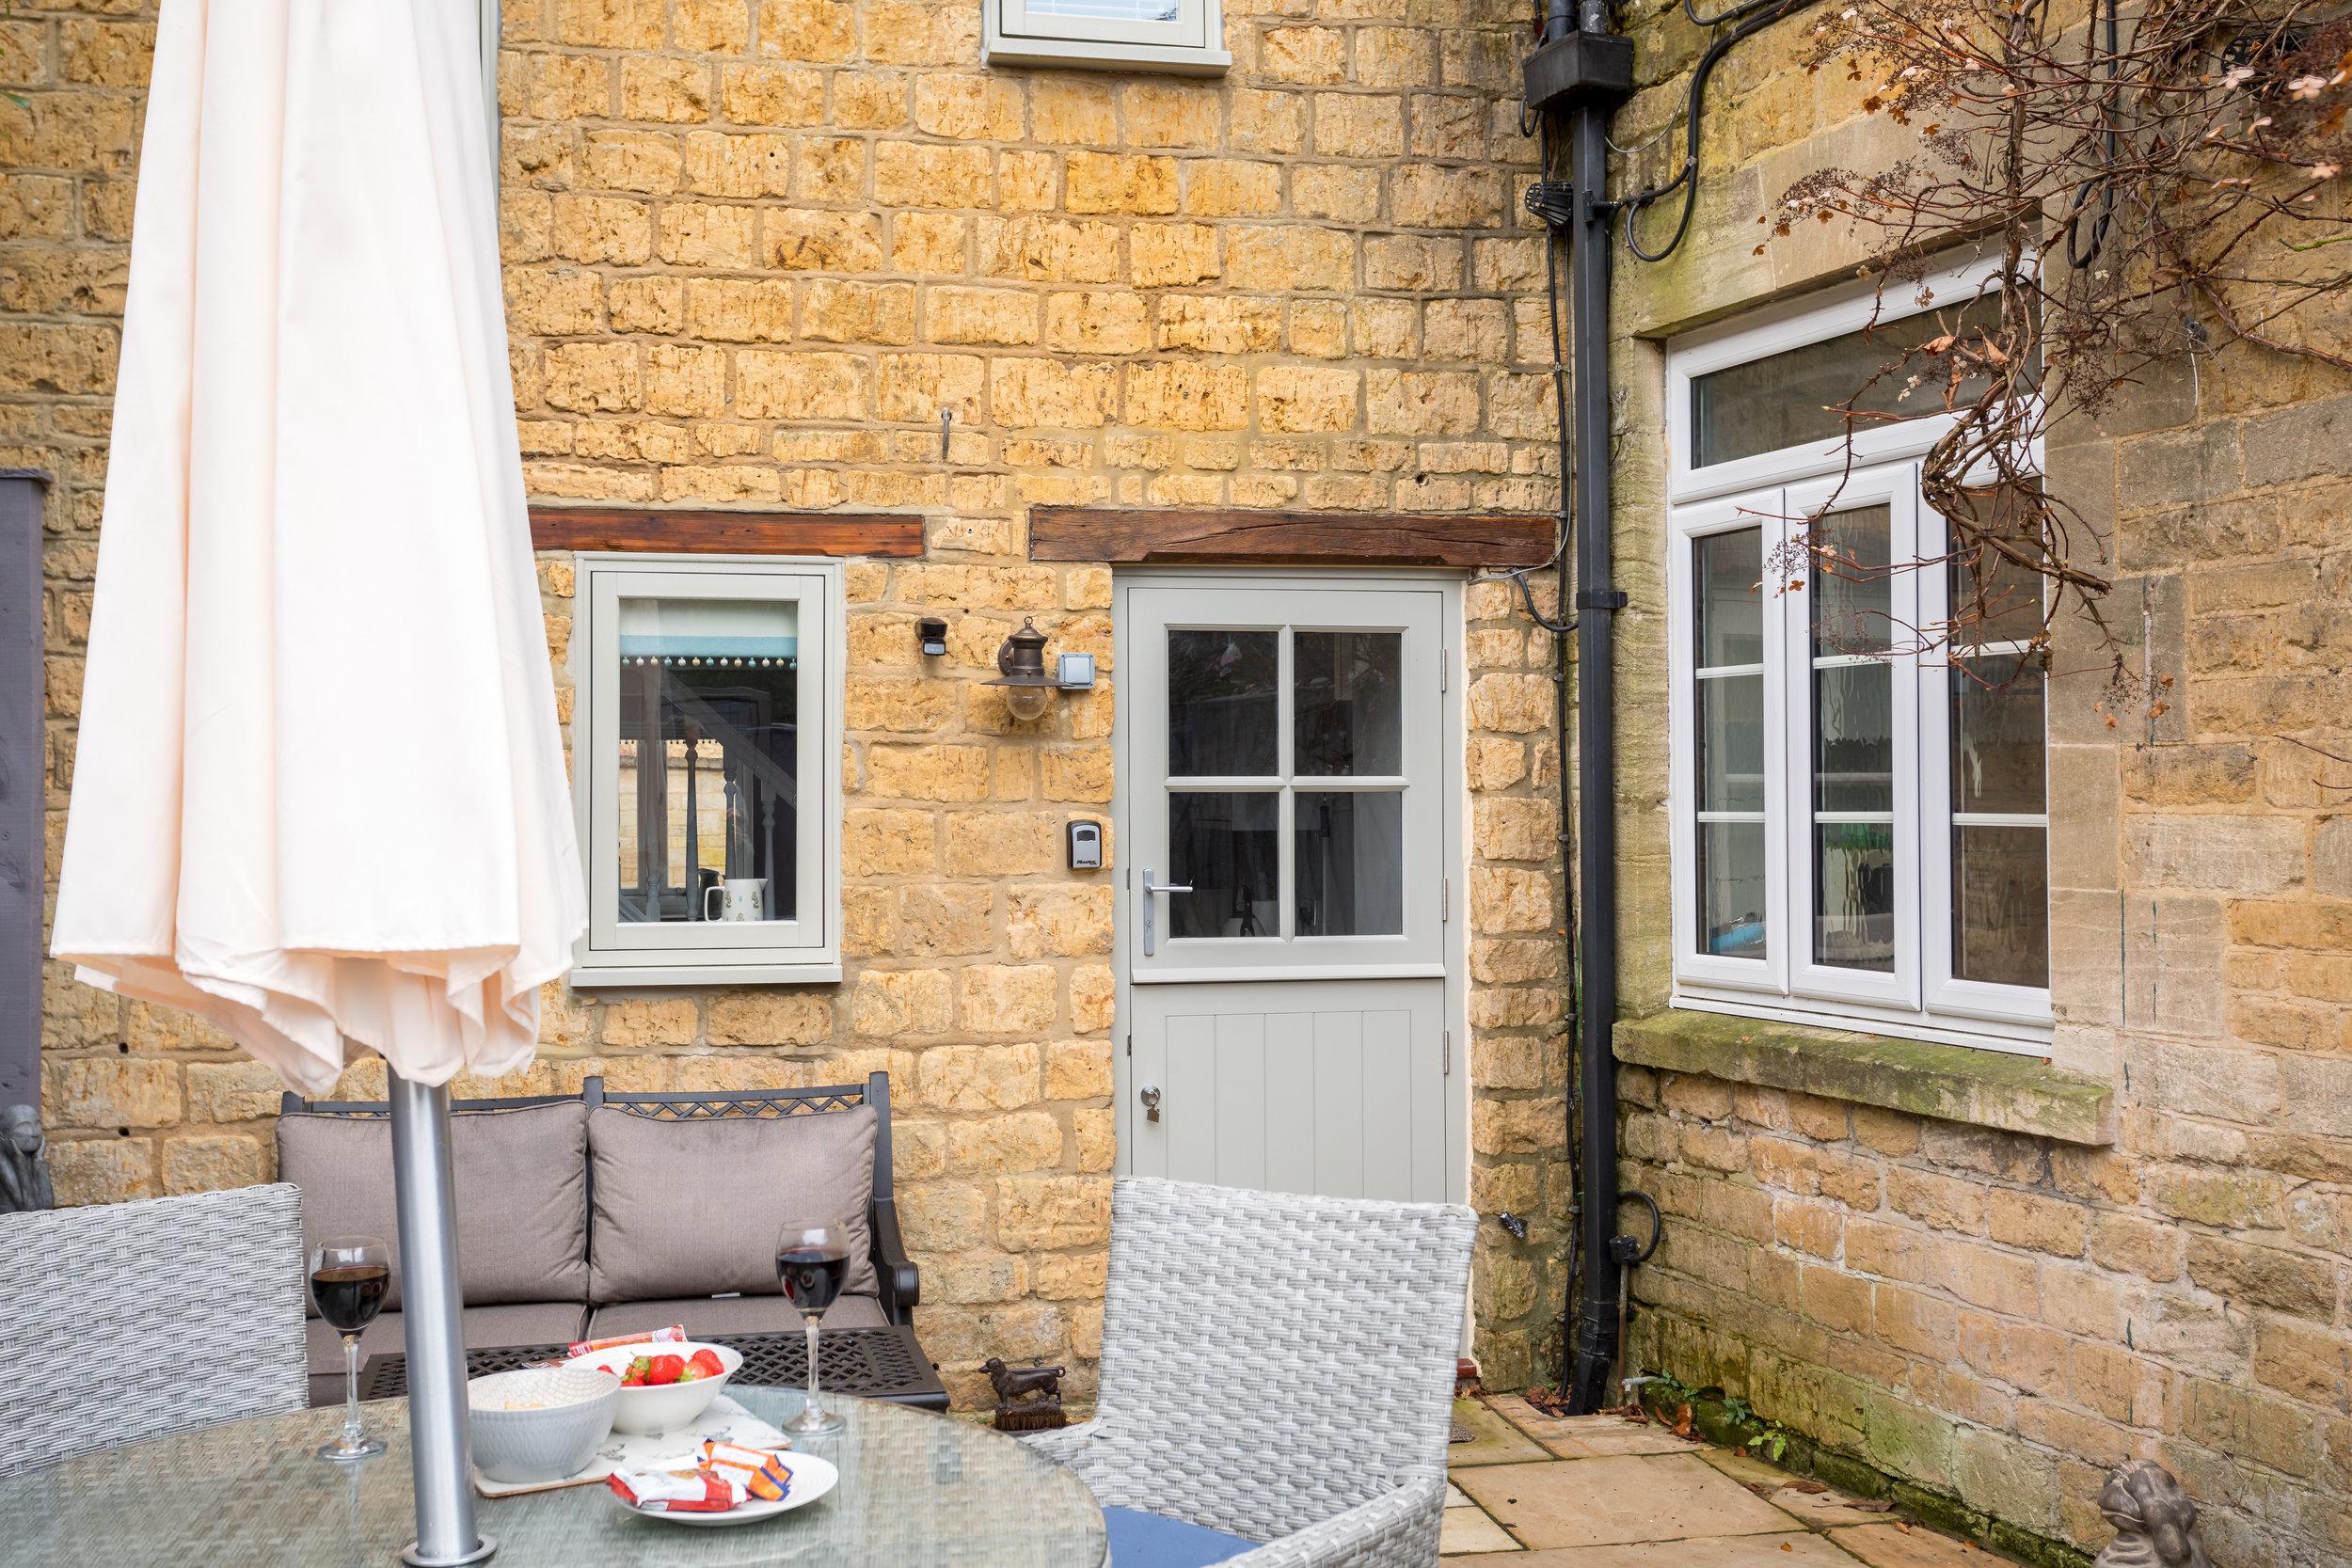 14 - Little Gem Cottage - Bourton-on-the-Water - Full.jpg